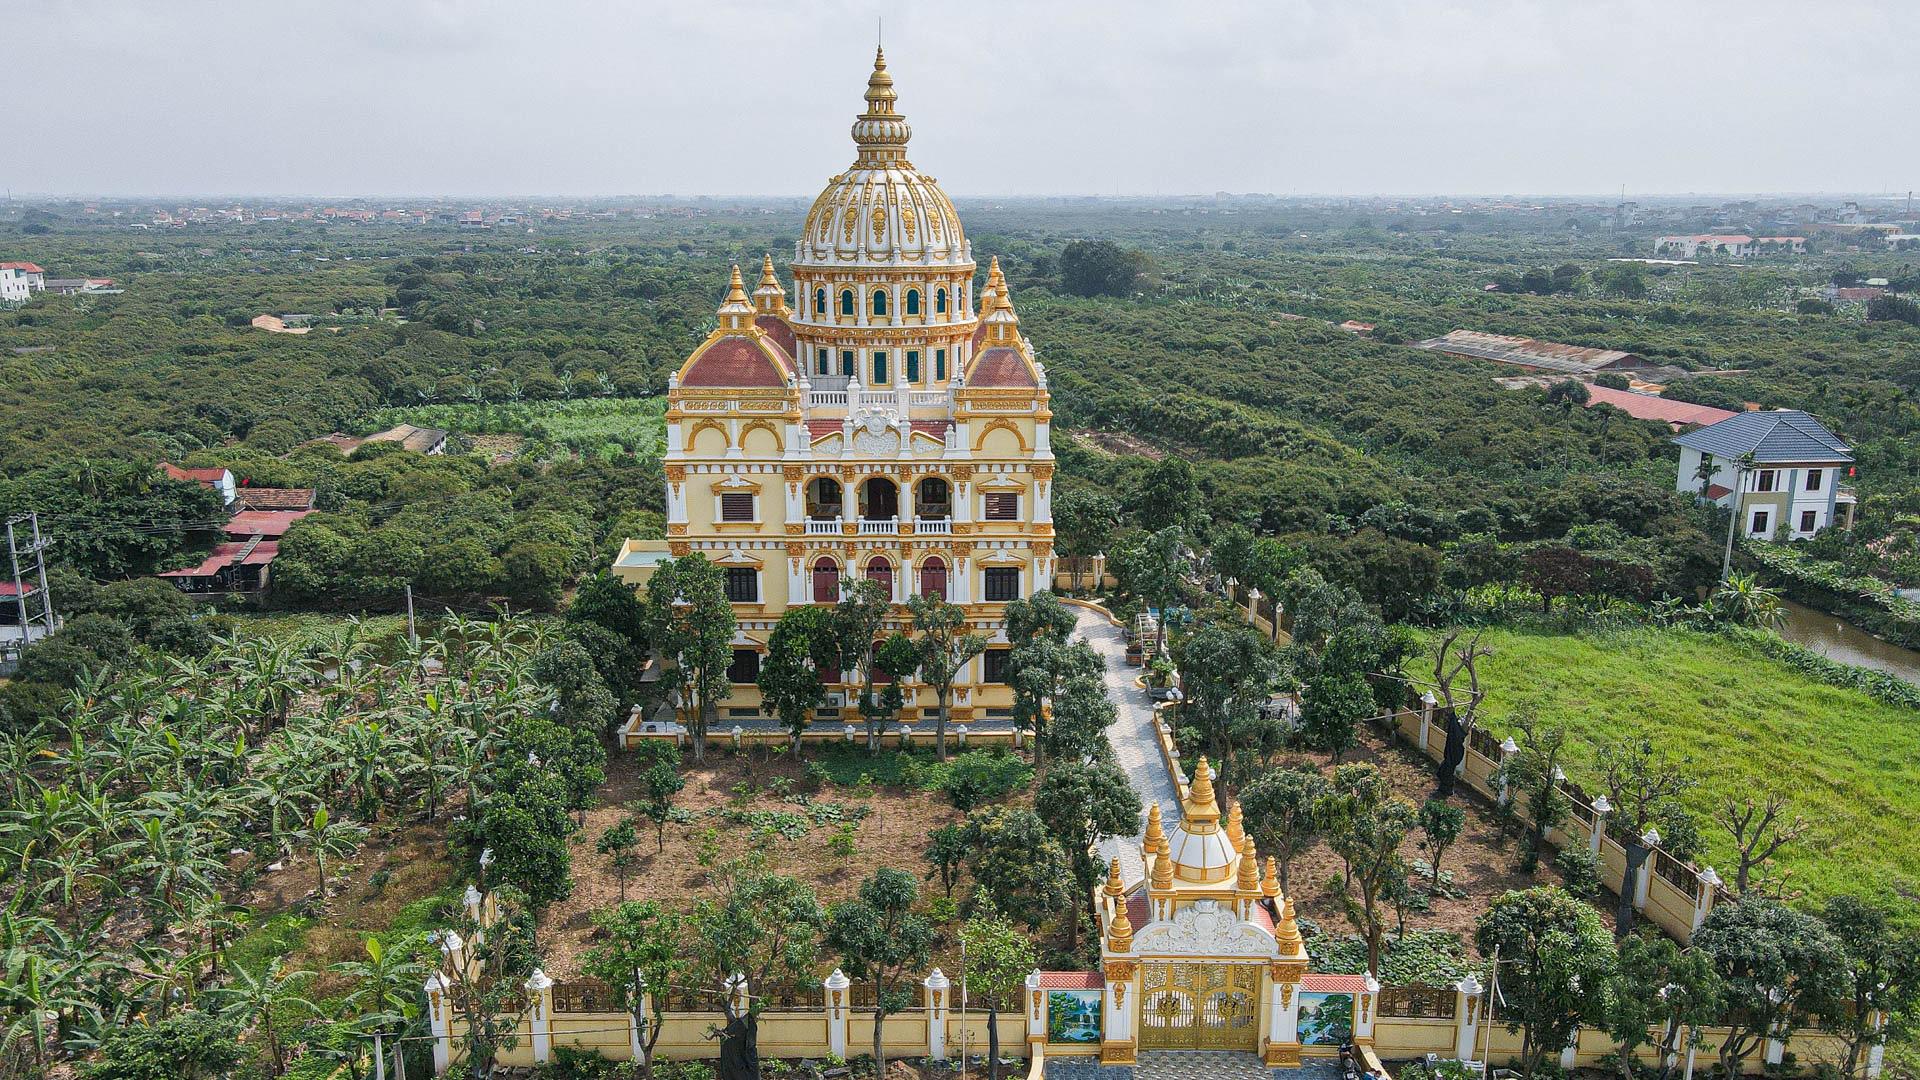 """Lâu đài """"dát vàng"""", bên trong toàn nội thất đắt đỏ của đại gia ở Hưng Yên - Ảnh 2."""